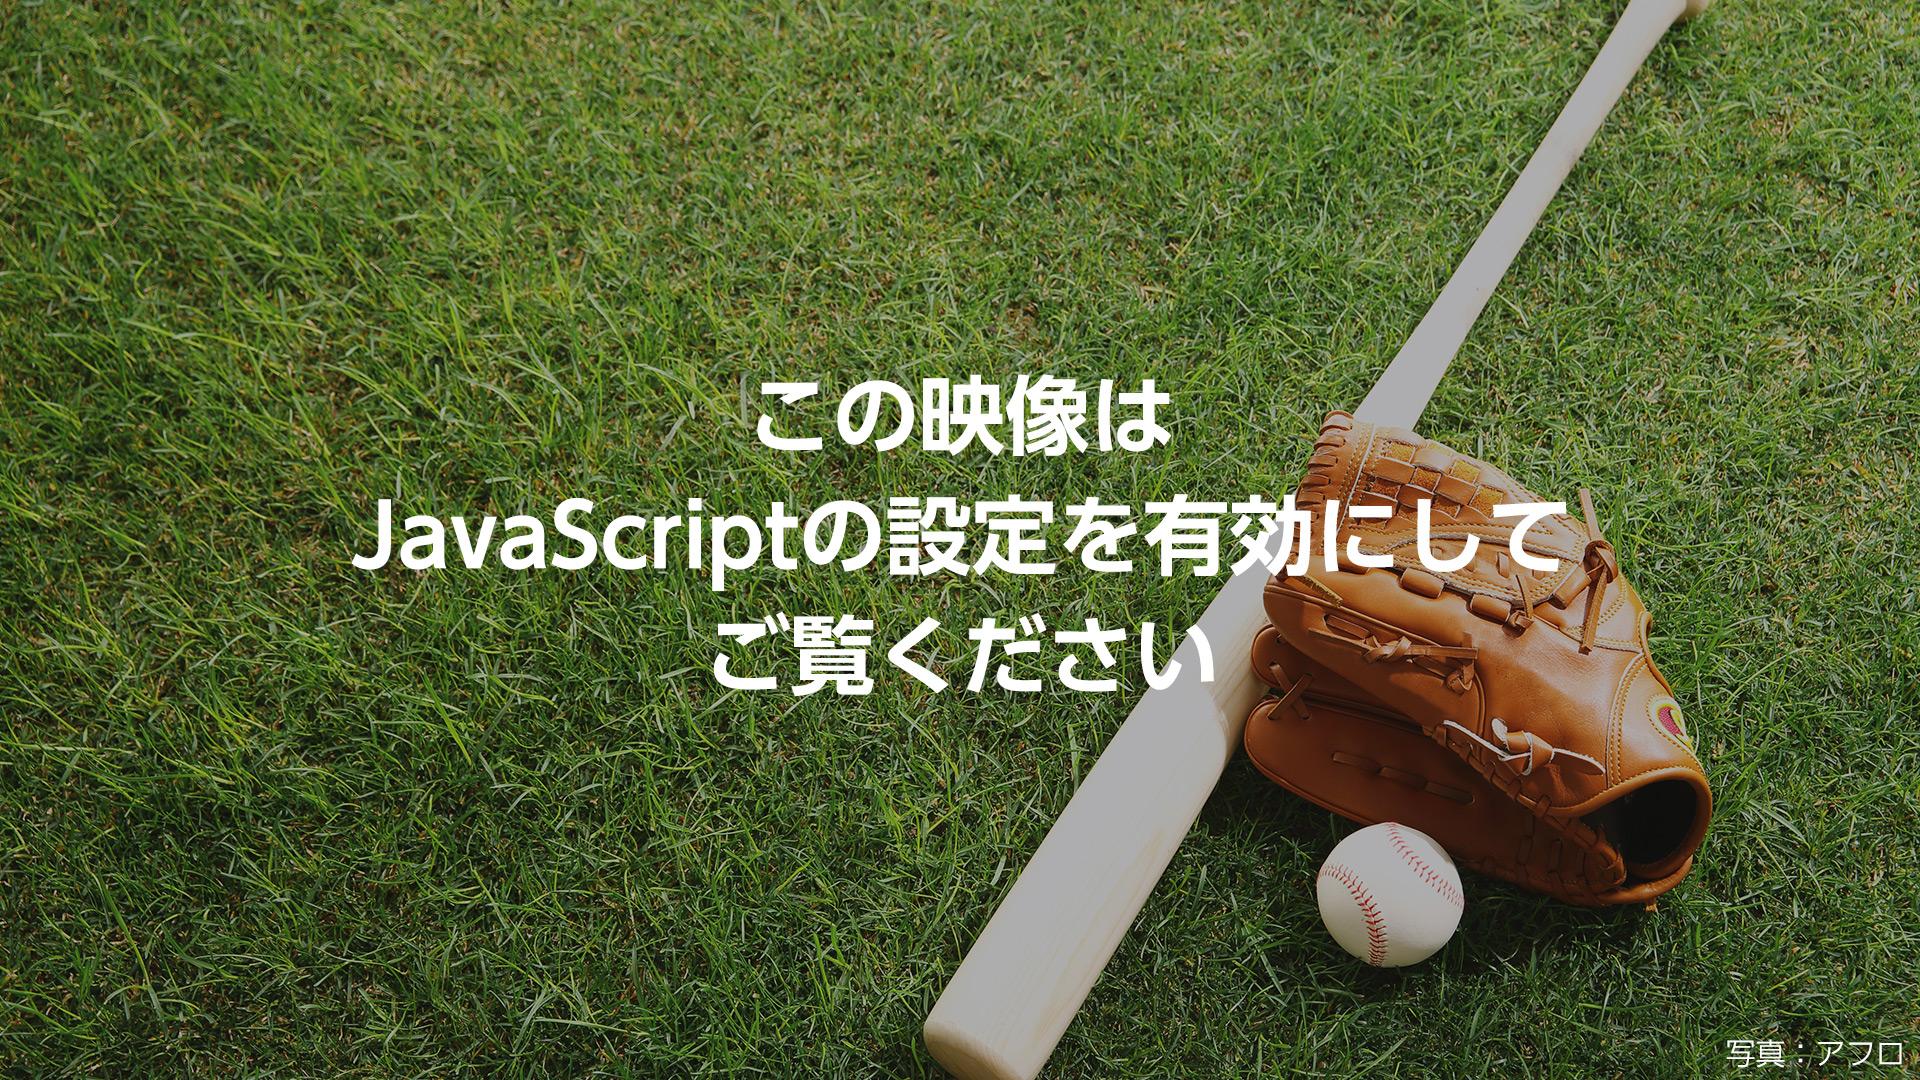 この映像はJavaScriptの設定を有効にしてご覧ください